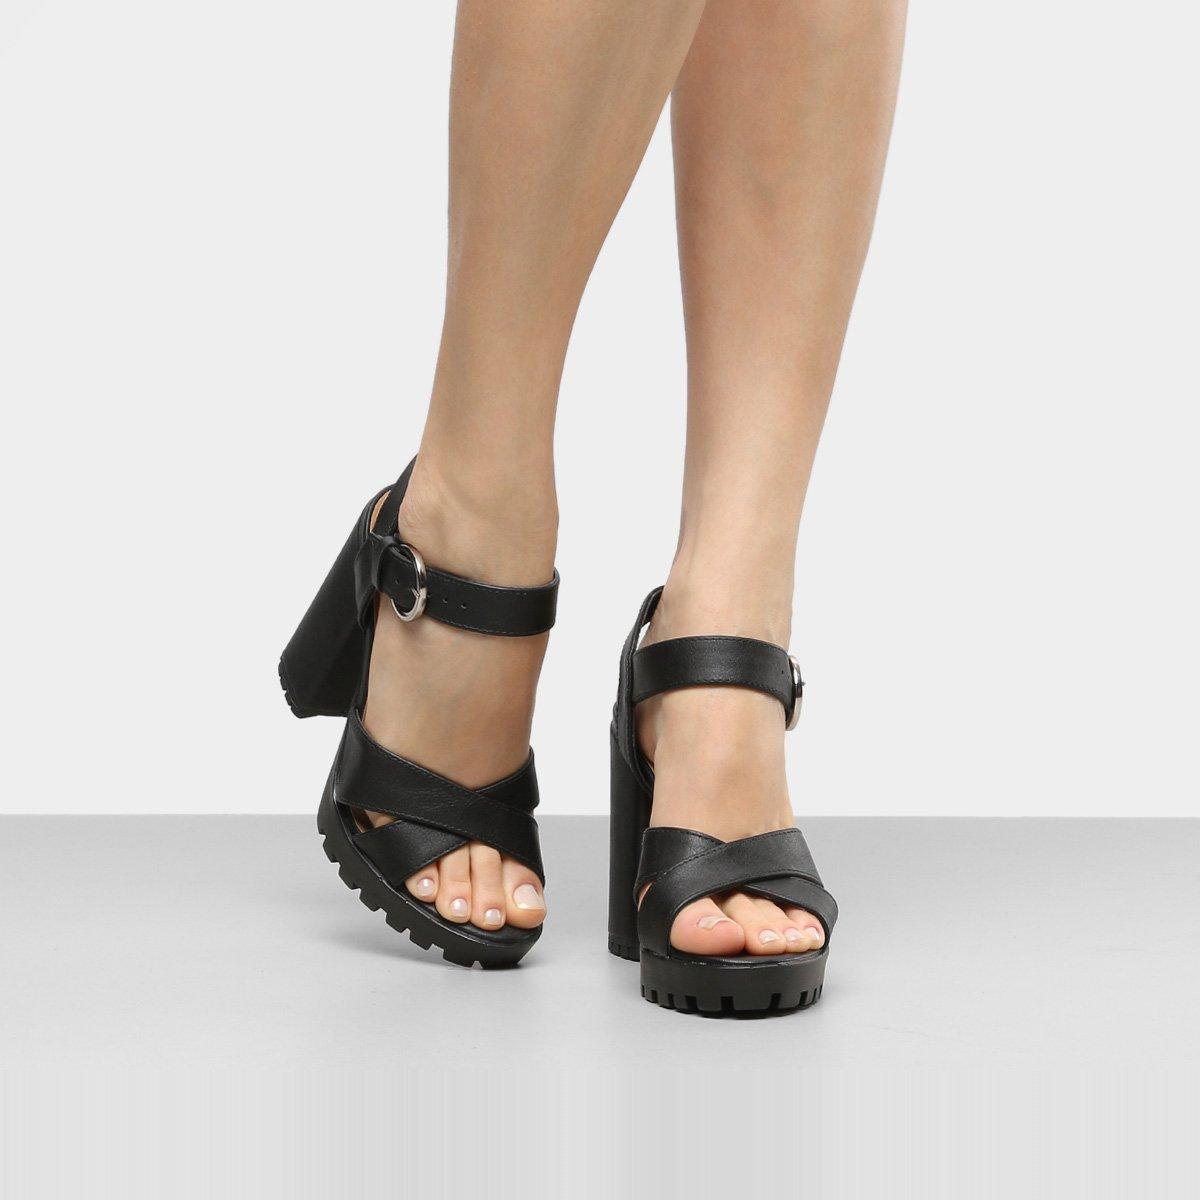 Me exibindo com sandalia alta de salto cristal - 1 6